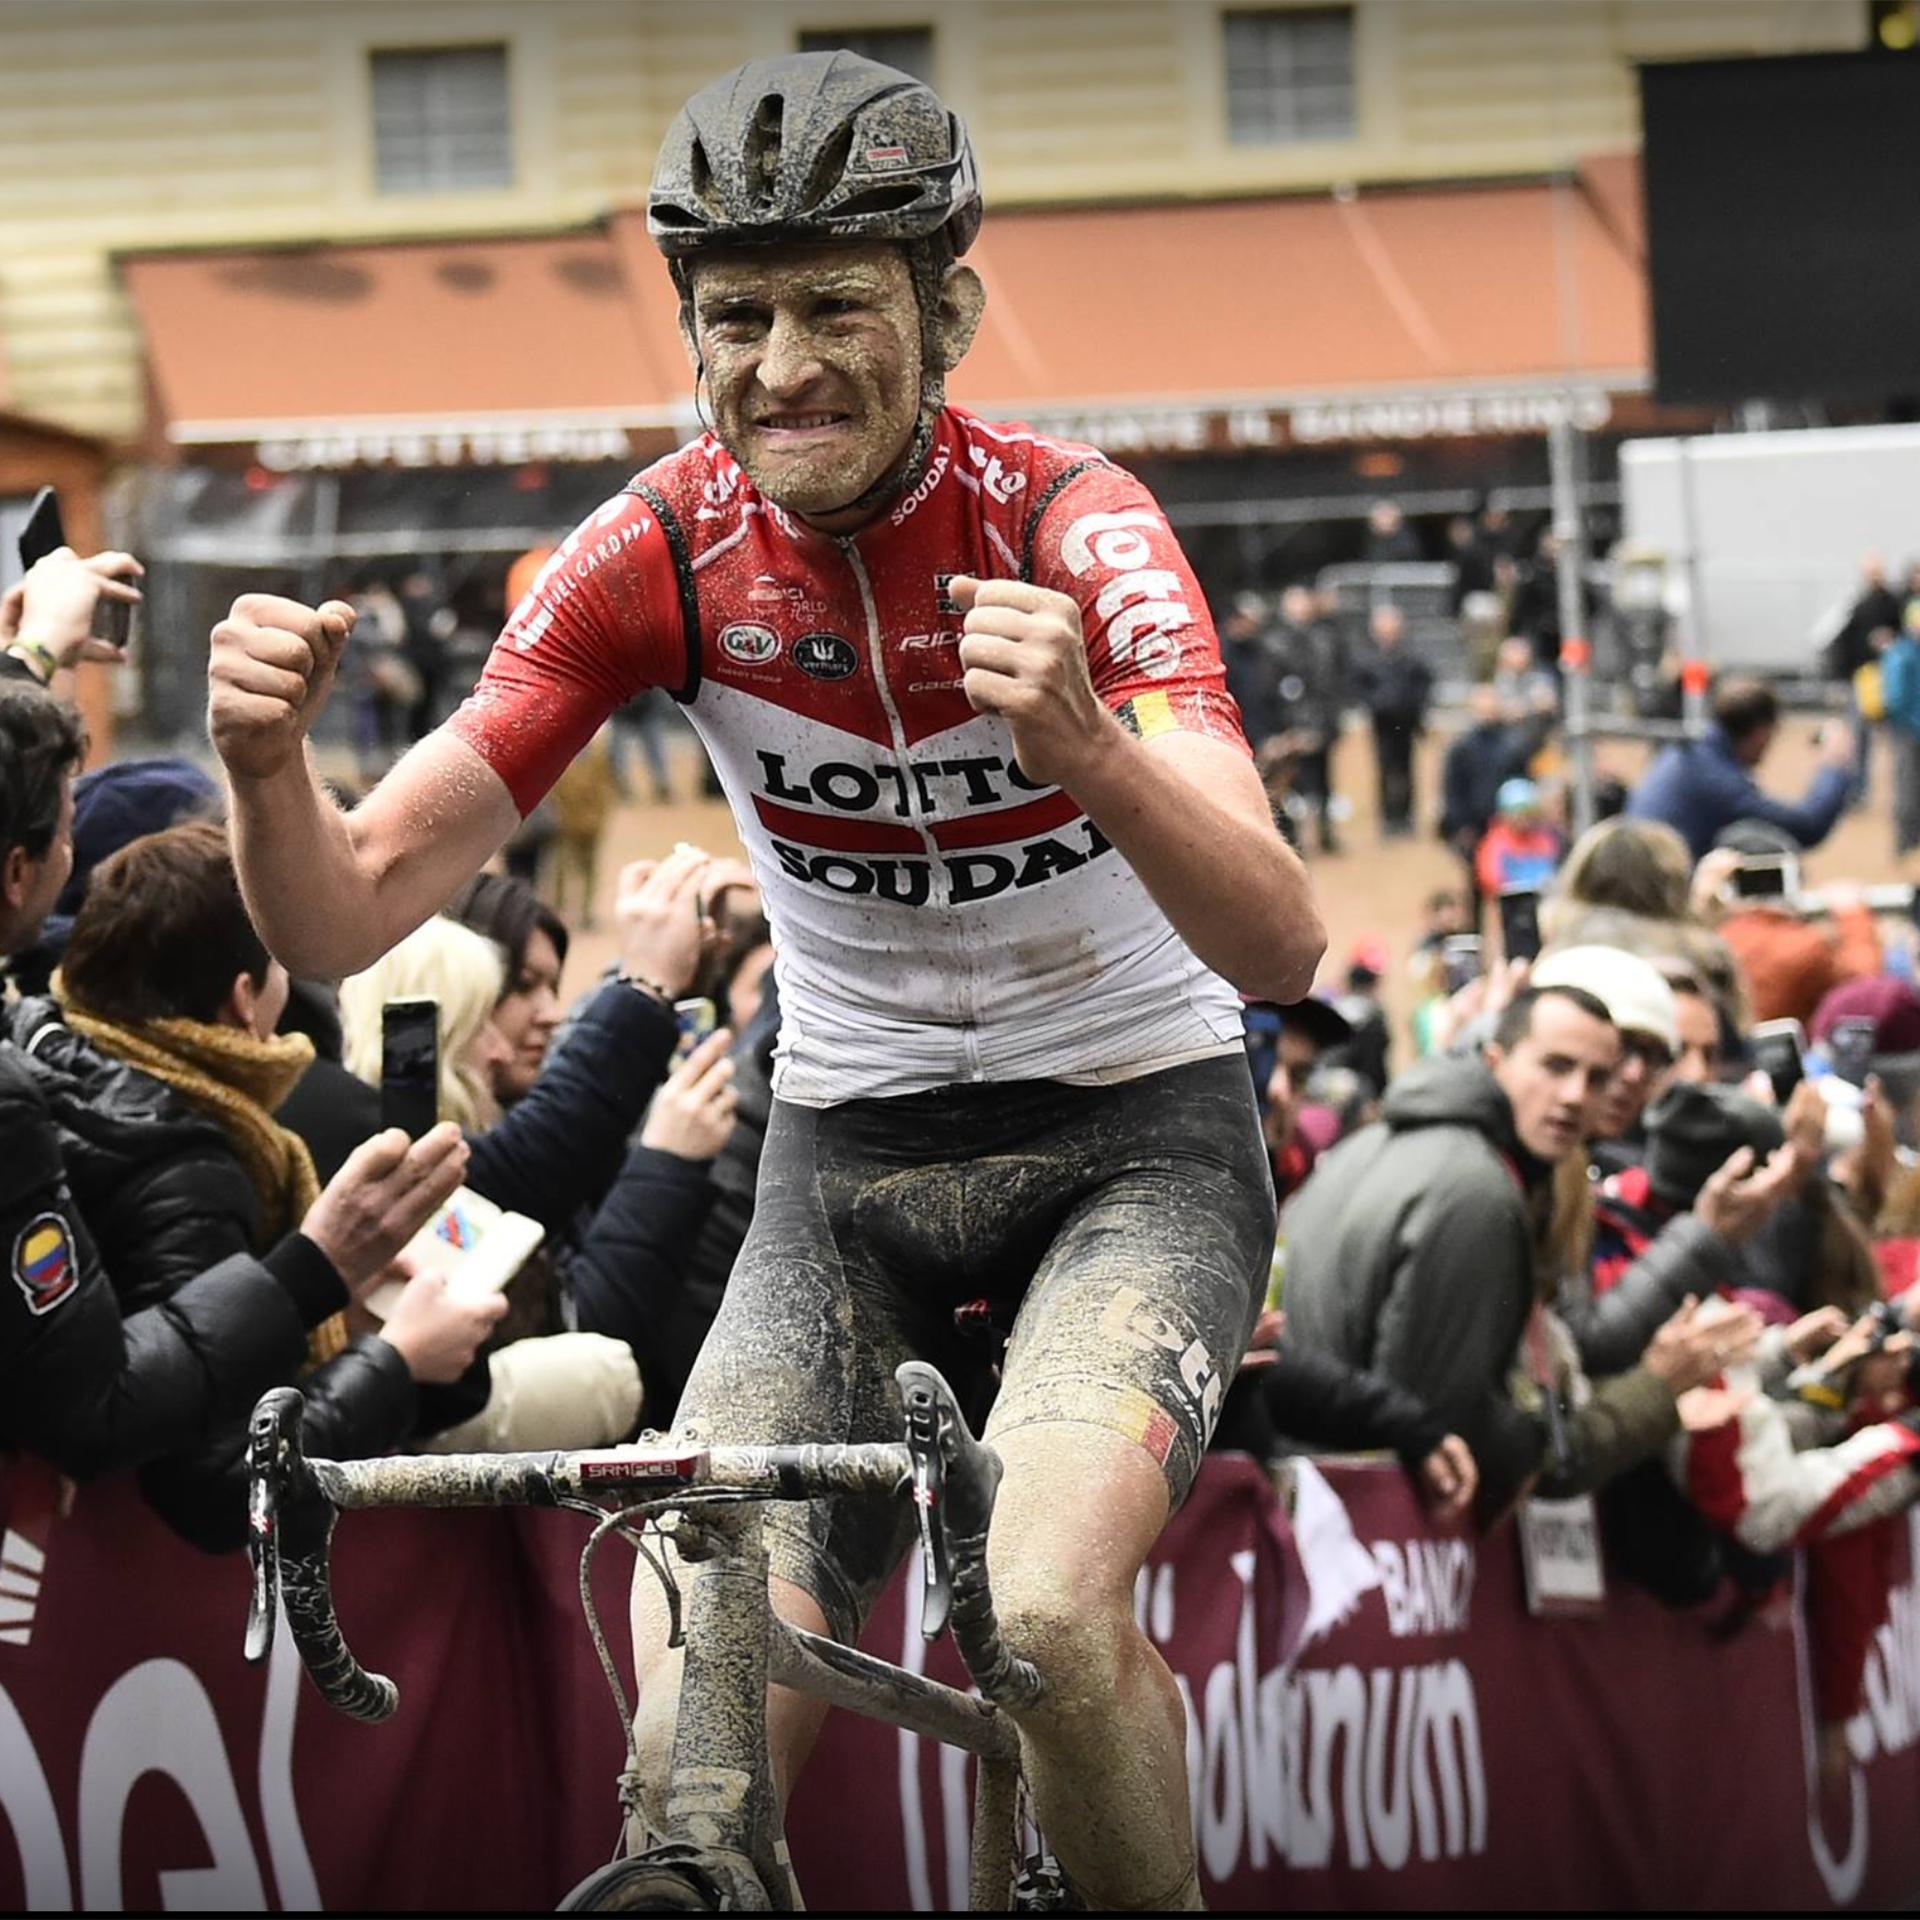 Thijs Benoot Wins Strade Bianche